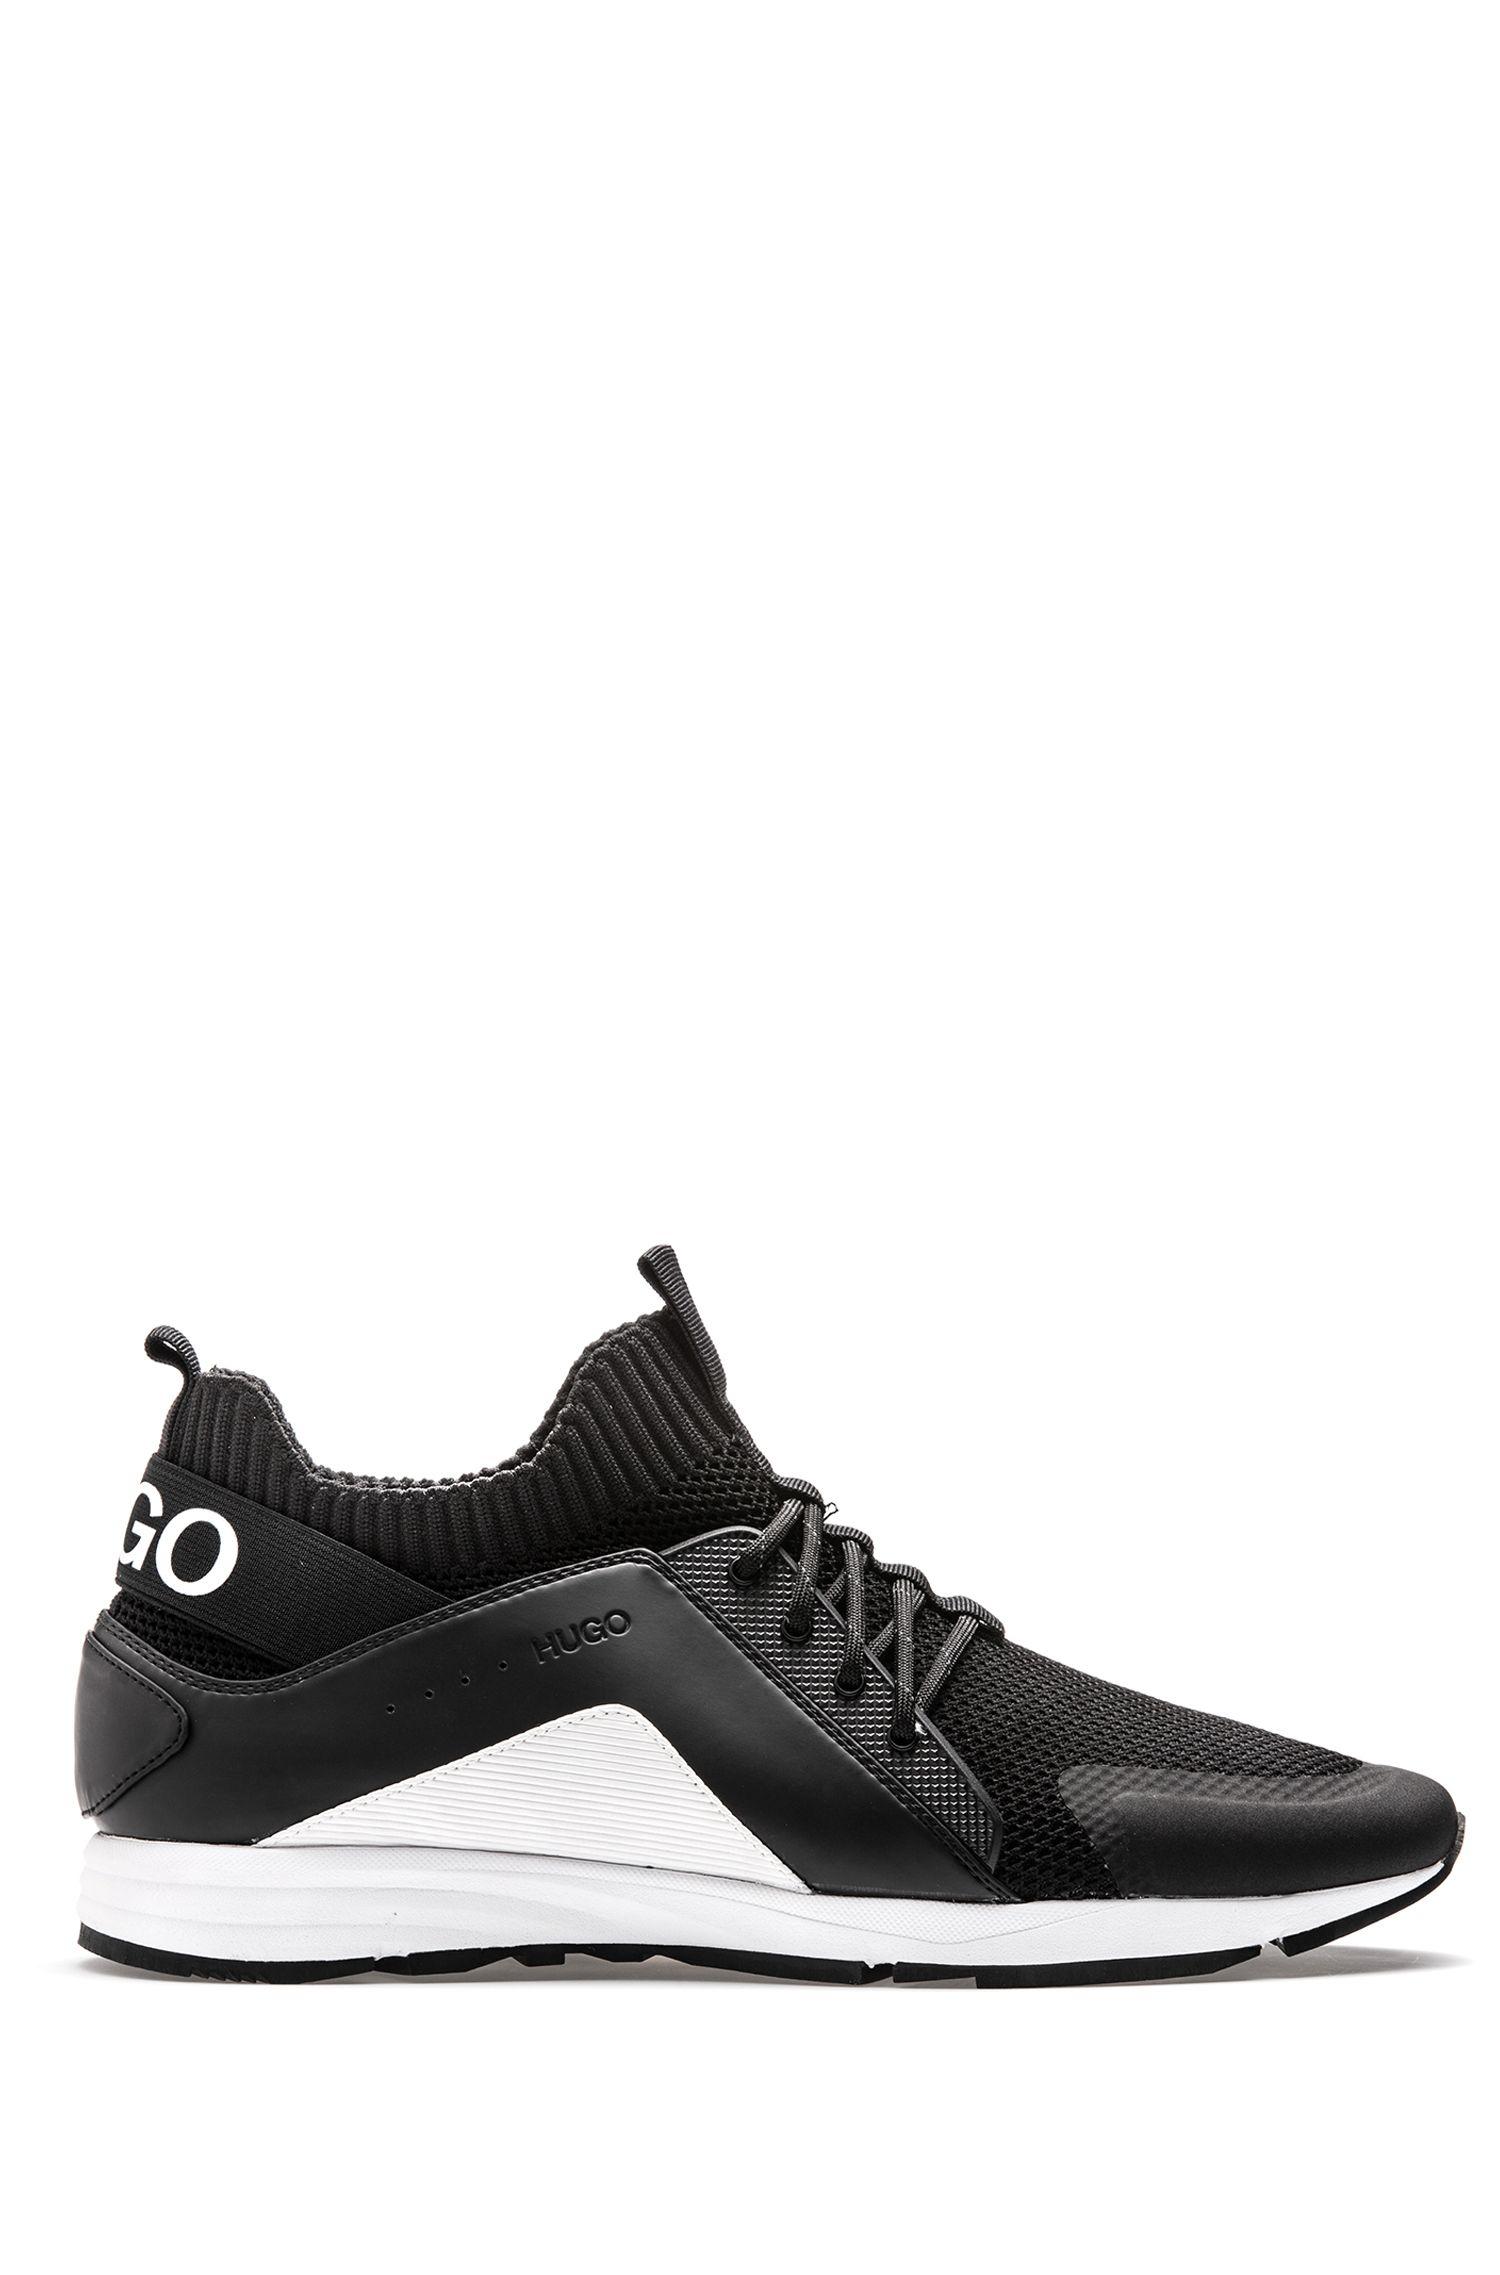 Op hardloopschoenen geïnspireerde sneakers met Vibram-zool en gebreide sok, Zwart